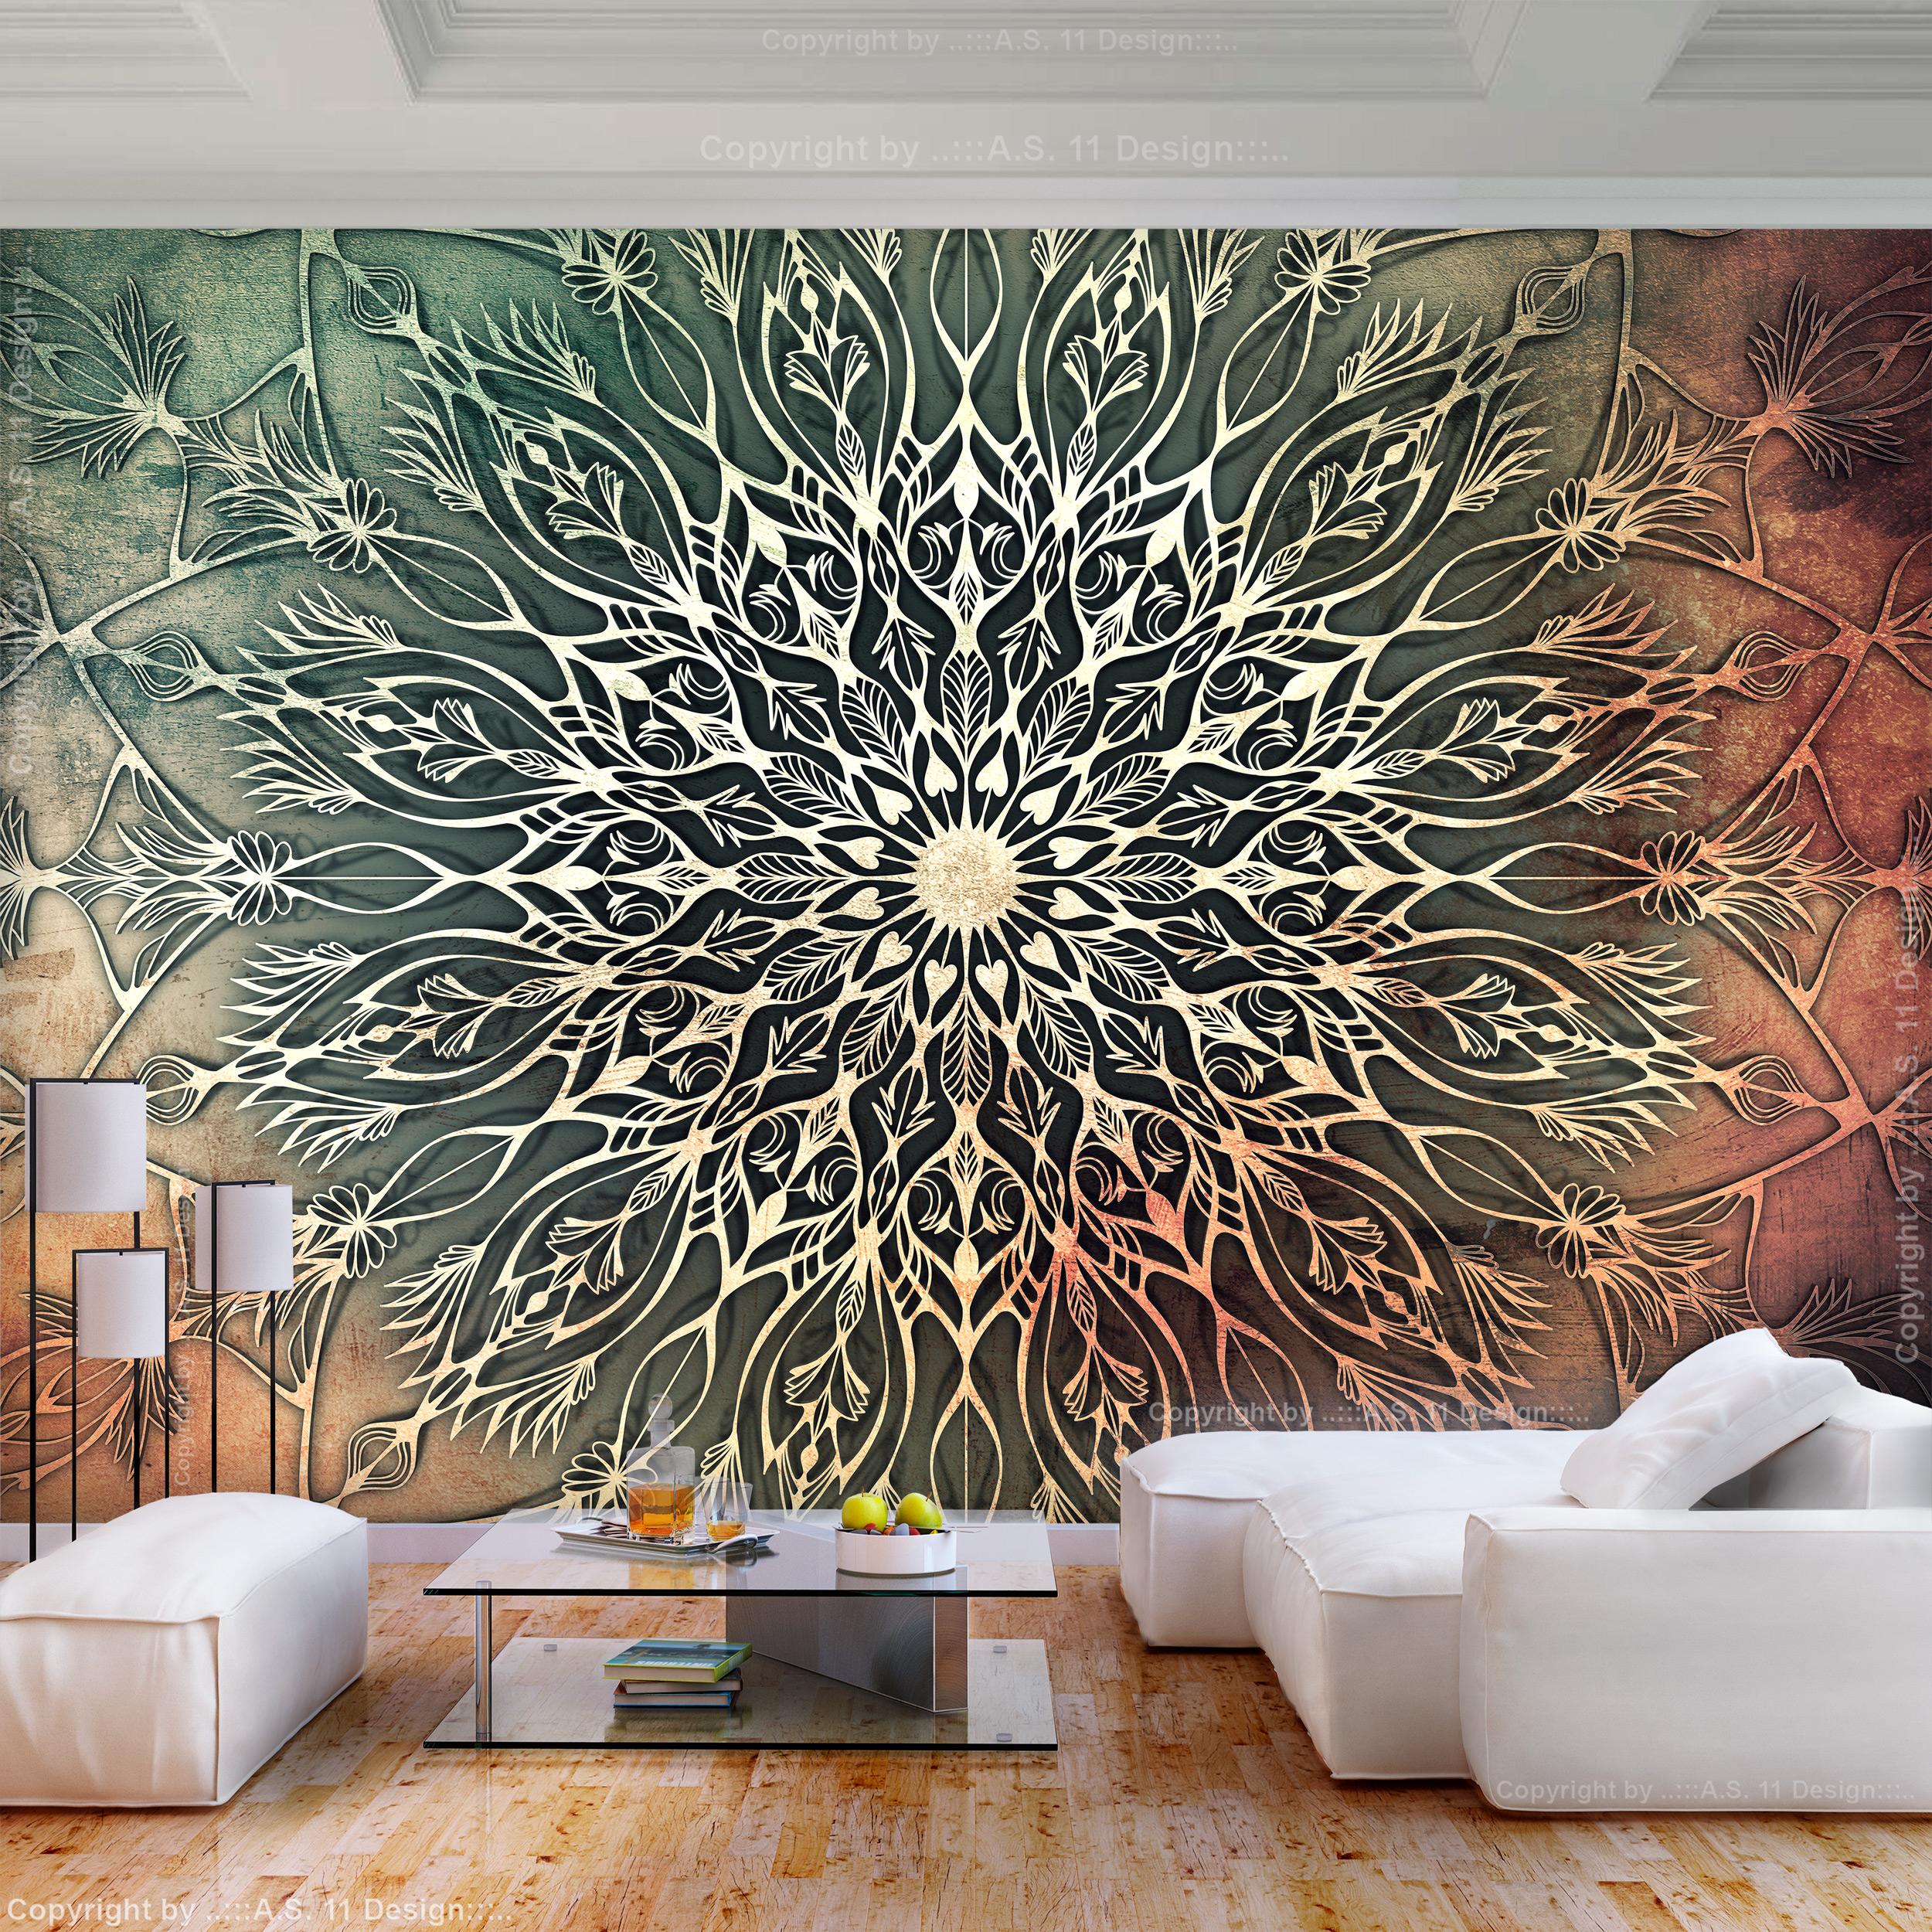 vlies fototapete mandala orient indische braun tapete wandbilder xxl wohnzimmer ebay. Black Bedroom Furniture Sets. Home Design Ideas